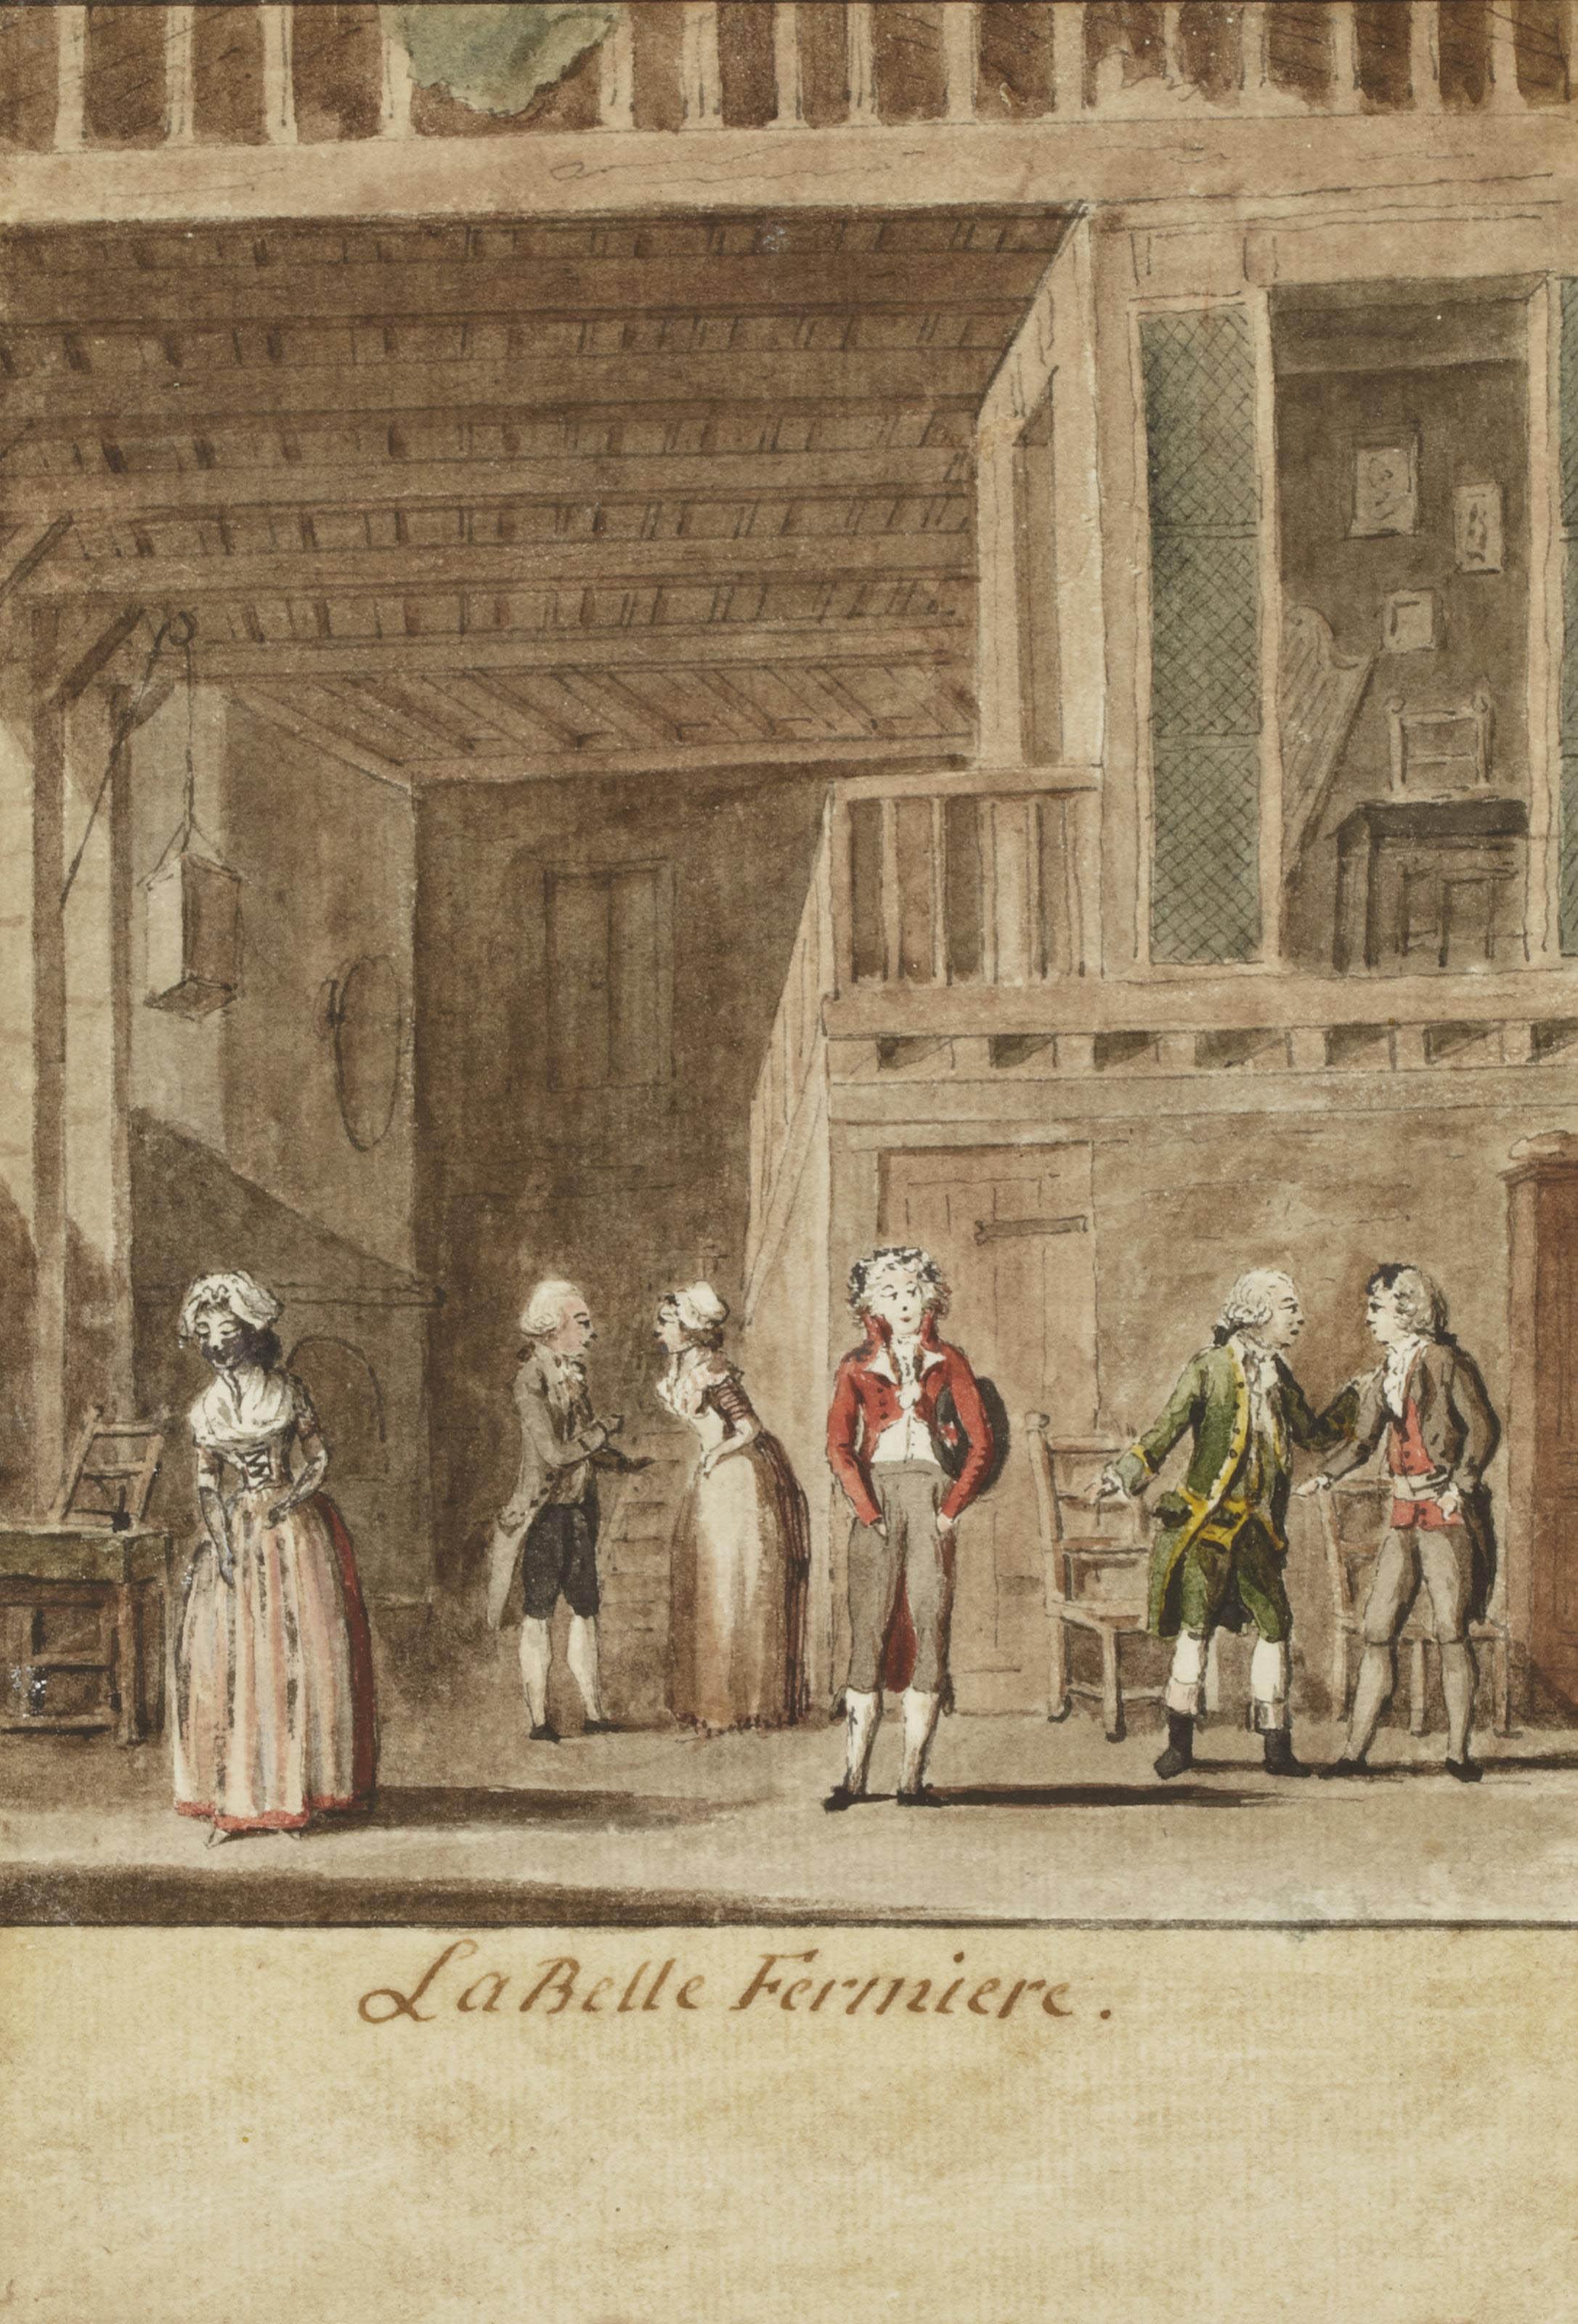 Scène de 'Catherine ou La belle fermière' par Julie Candeille